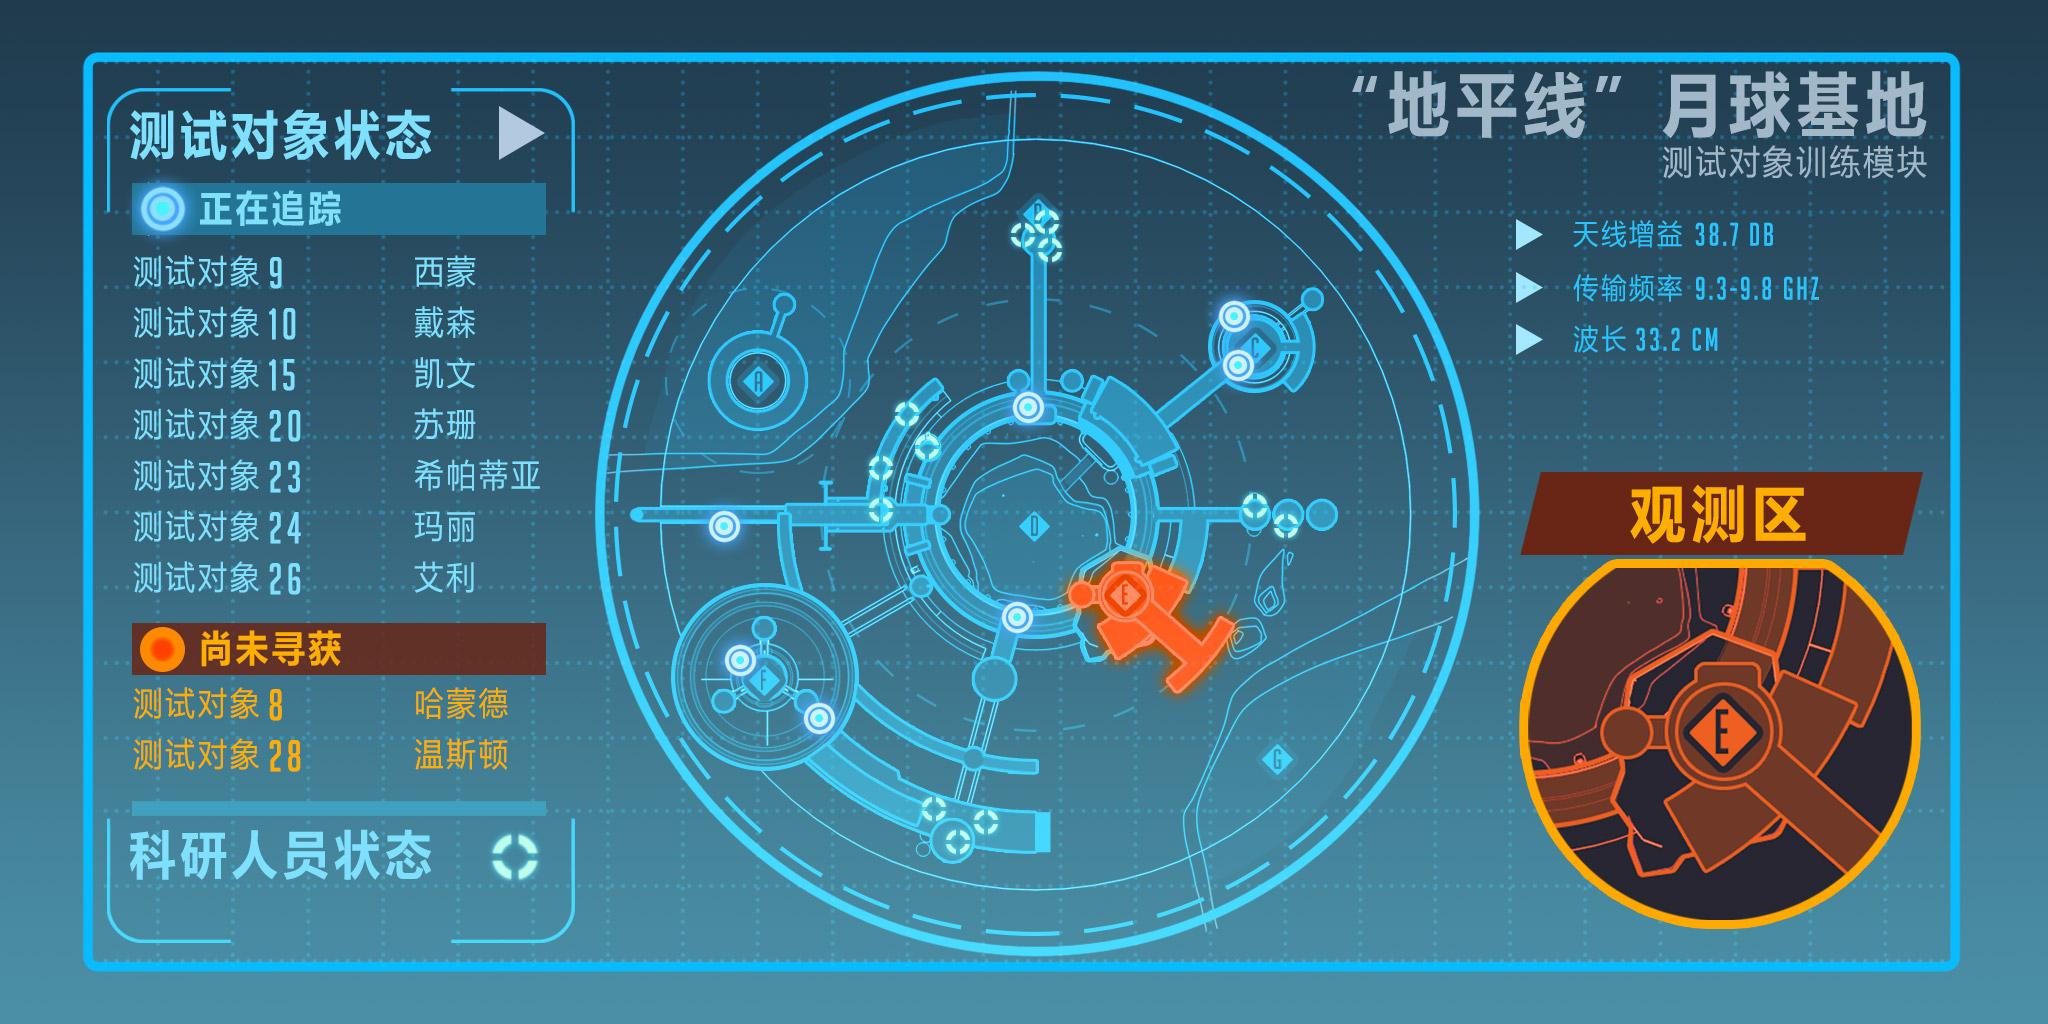 新英雄还是新地图?守望先锋月球基地剧情推进